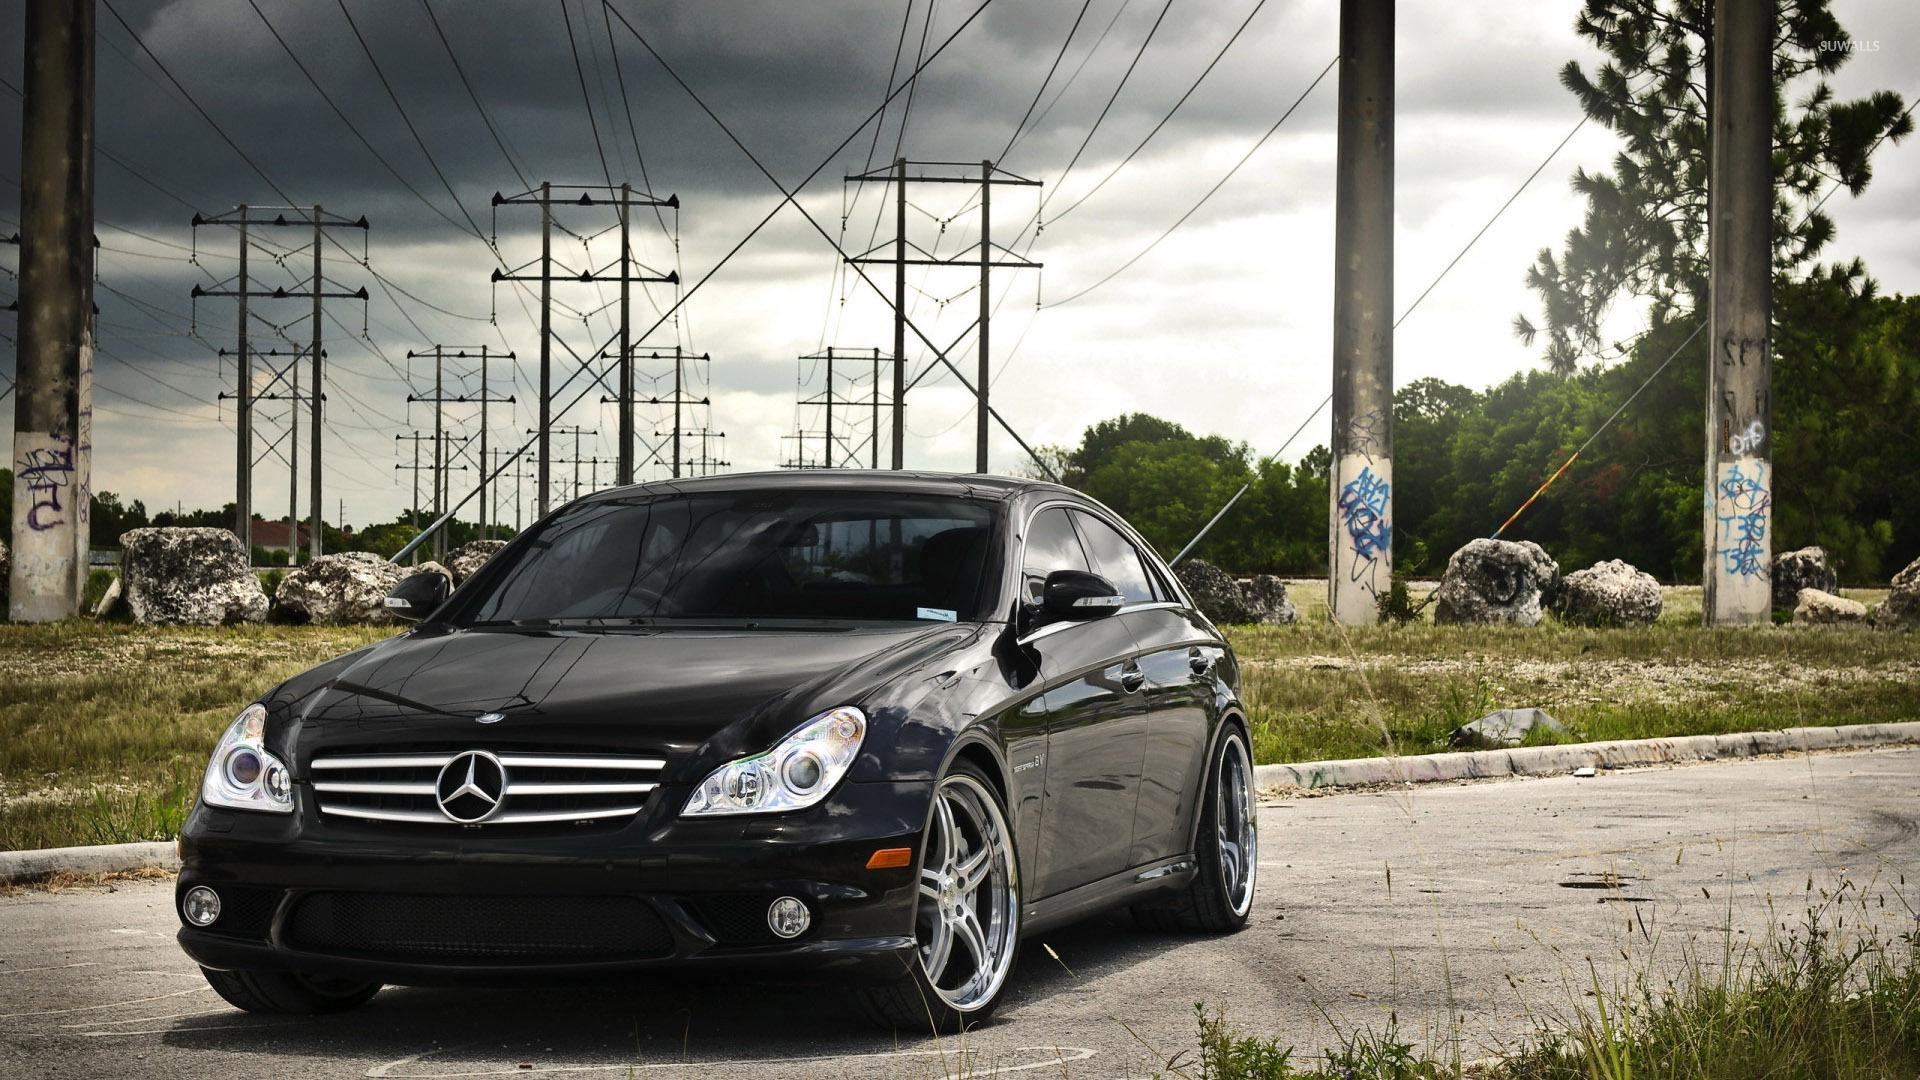 Mercedes Benz S63 Amg Wallpaper Car Wallpapers 35143